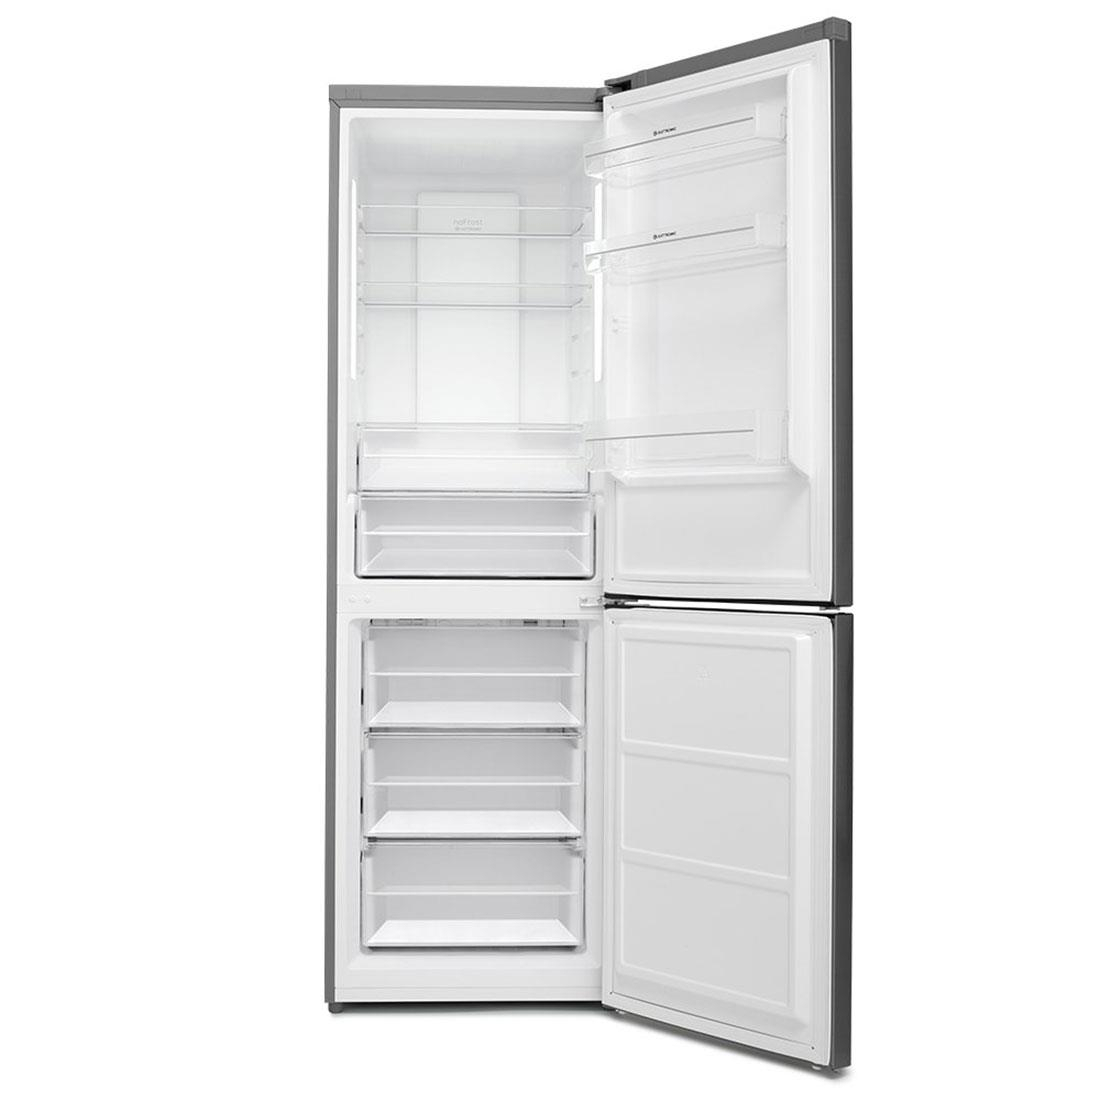 Refrigerador Elettromec Vetro Bottom Freezer 317 Litros 220V